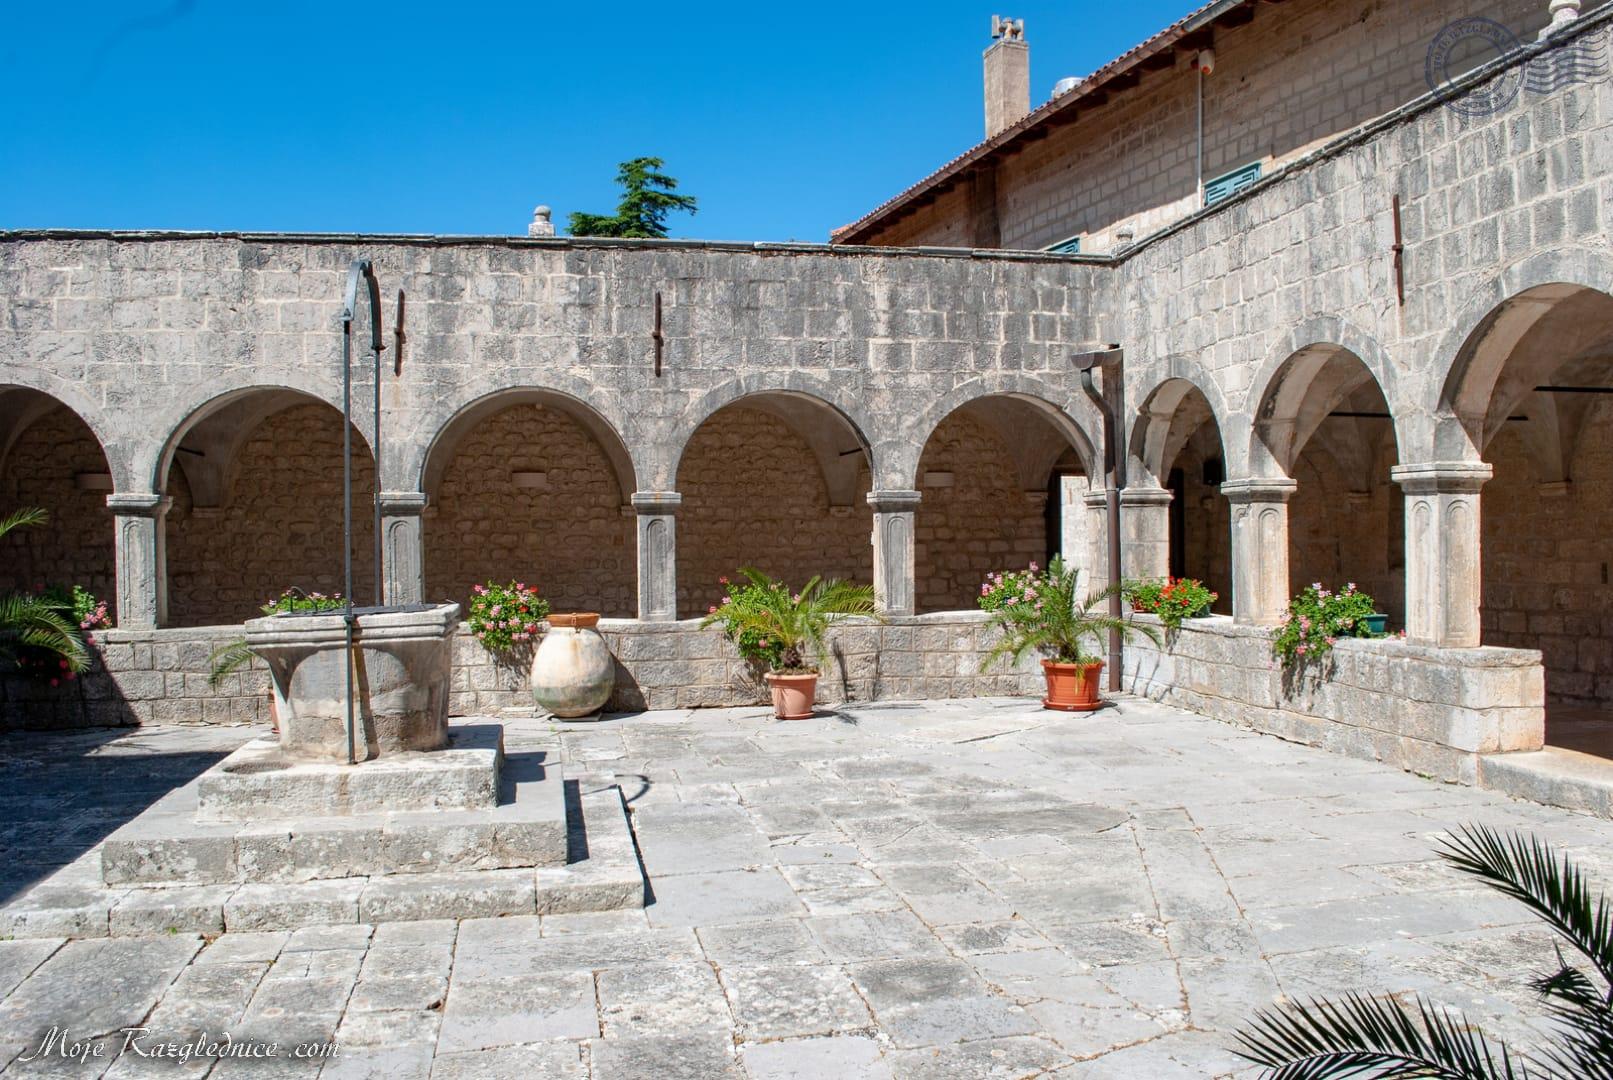 U središnjem dijelu otoka, čiji je ukupan opseg tek 1075 metara, a podignut je svega šest metara iznad mora, smješten je franjevački samostan s reprezentativnim renesansnim crkvenim zdanjem i klaustrom. Crkva Navještenja Blažene Djevice Marije dovršena je 1523., a izgrađena je na mjestu starije benediktinske romaničke crkve.